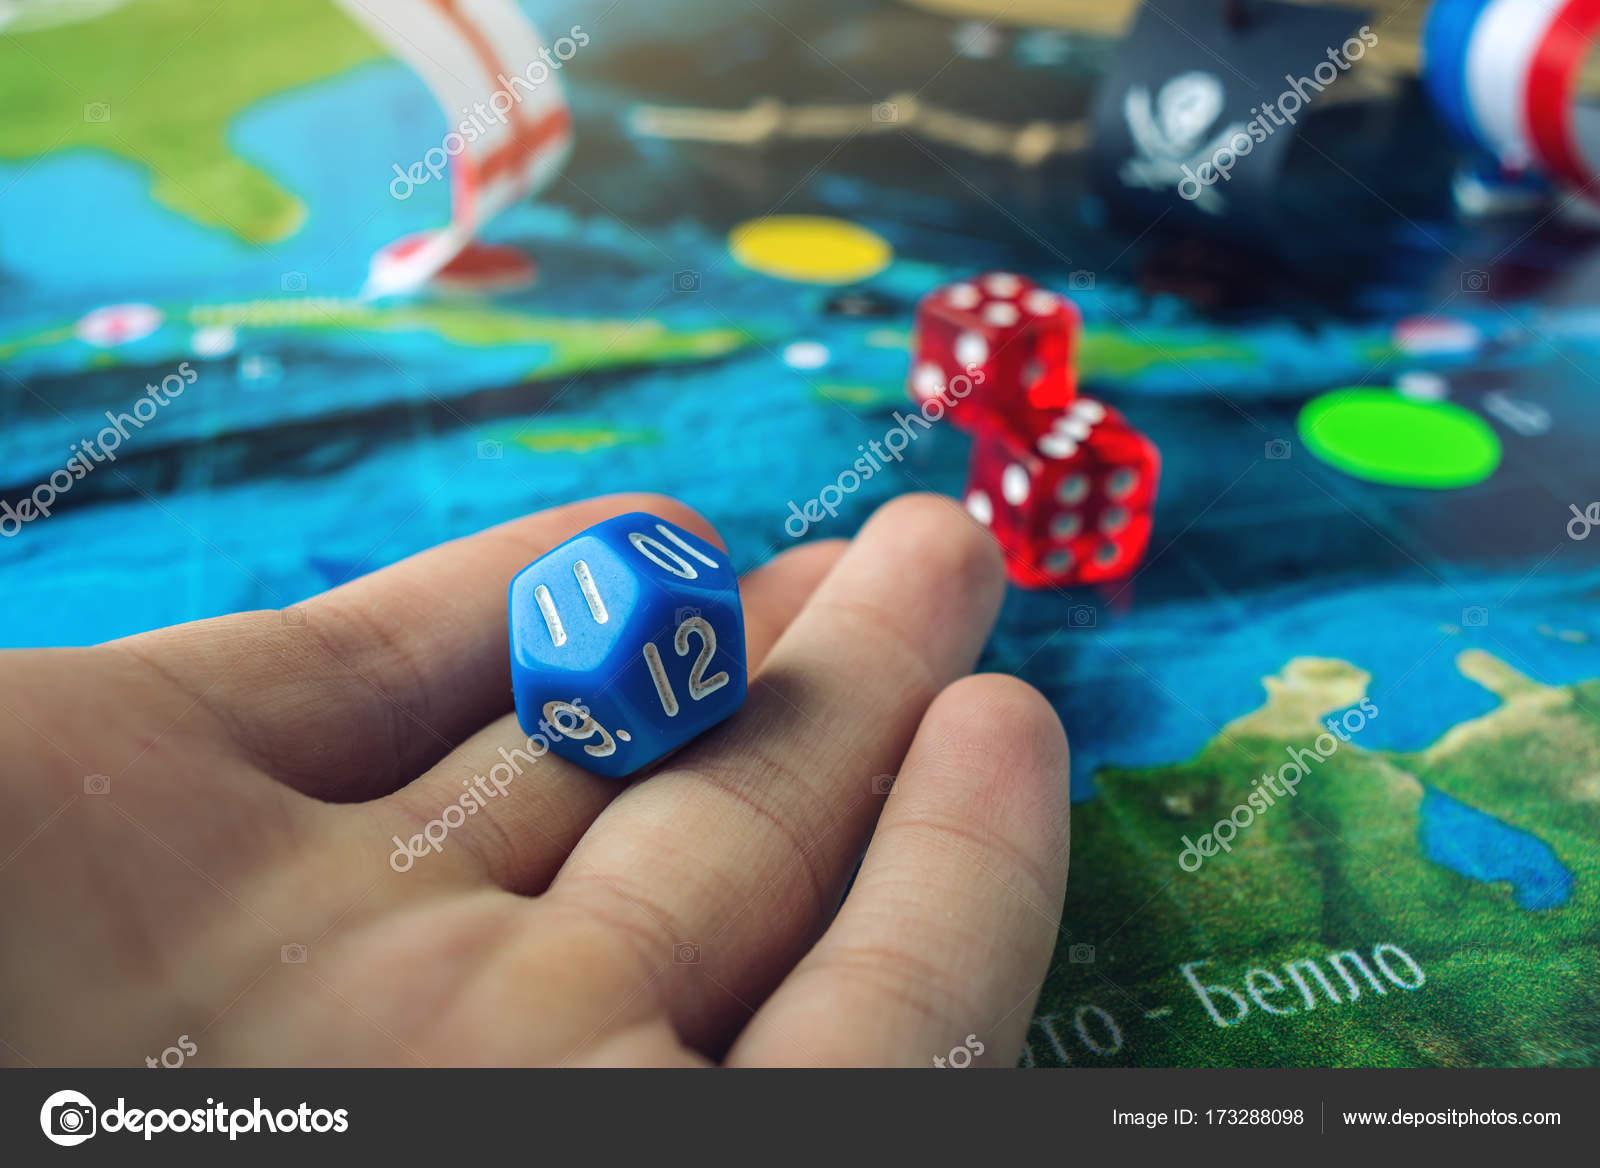 Mano Lanza El Dado Azul En El Mapa Mundial De Los Juegos De Mesa